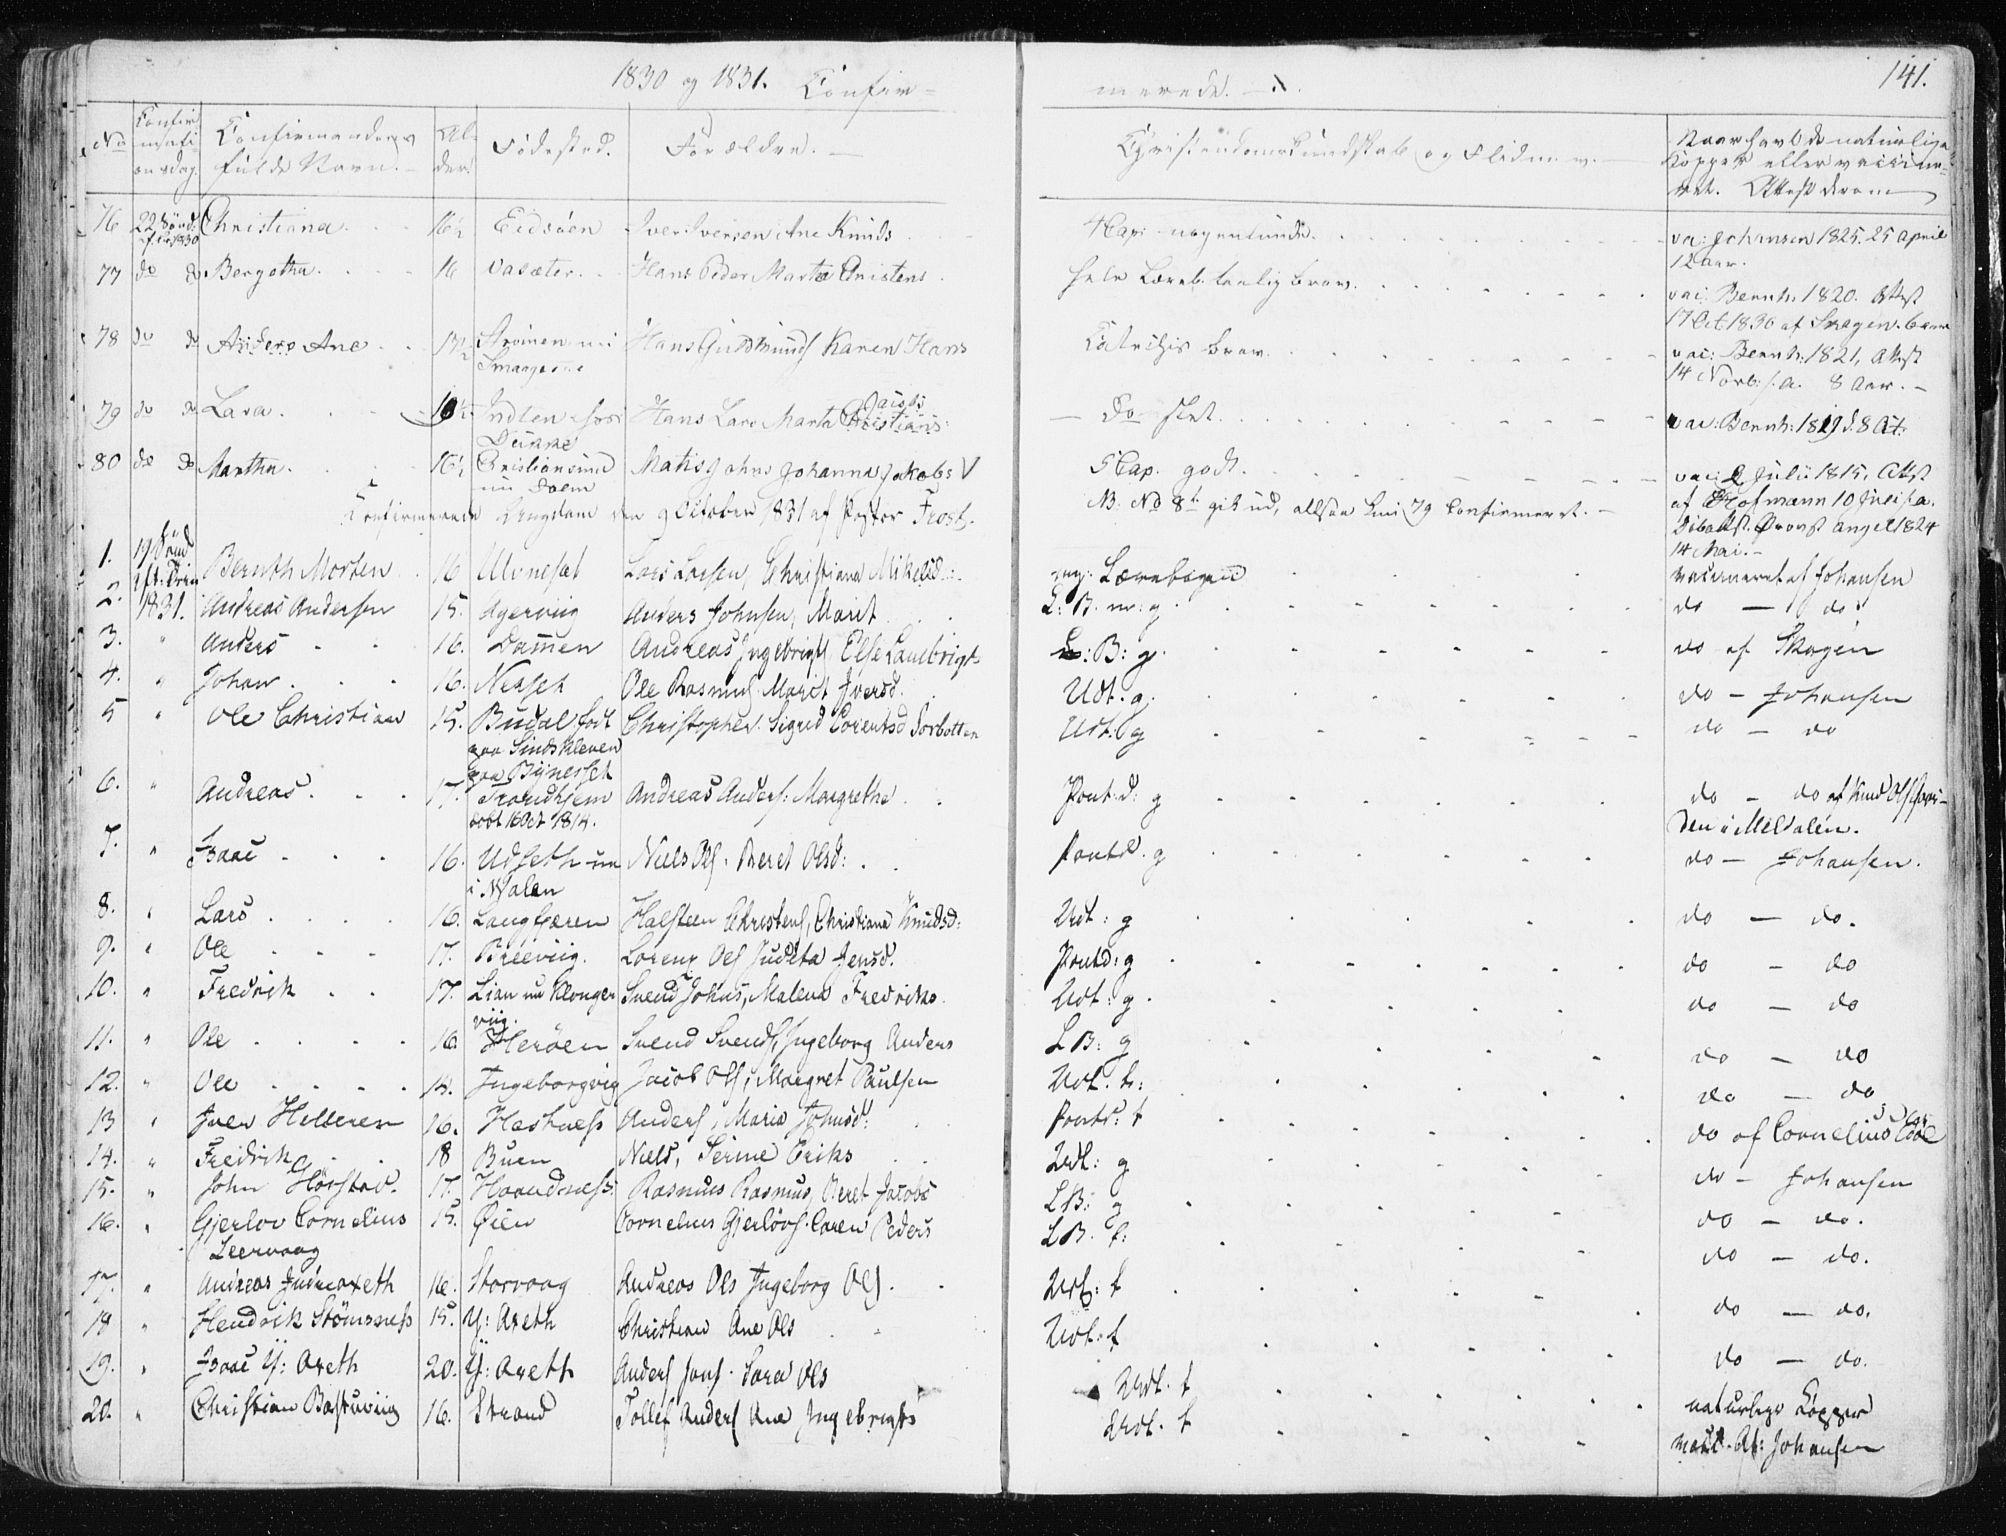 SAT, Ministerialprotokoller, klokkerbøker og fødselsregistre - Sør-Trøndelag, 634/L0528: Ministerialbok nr. 634A04, 1827-1842, s. 141